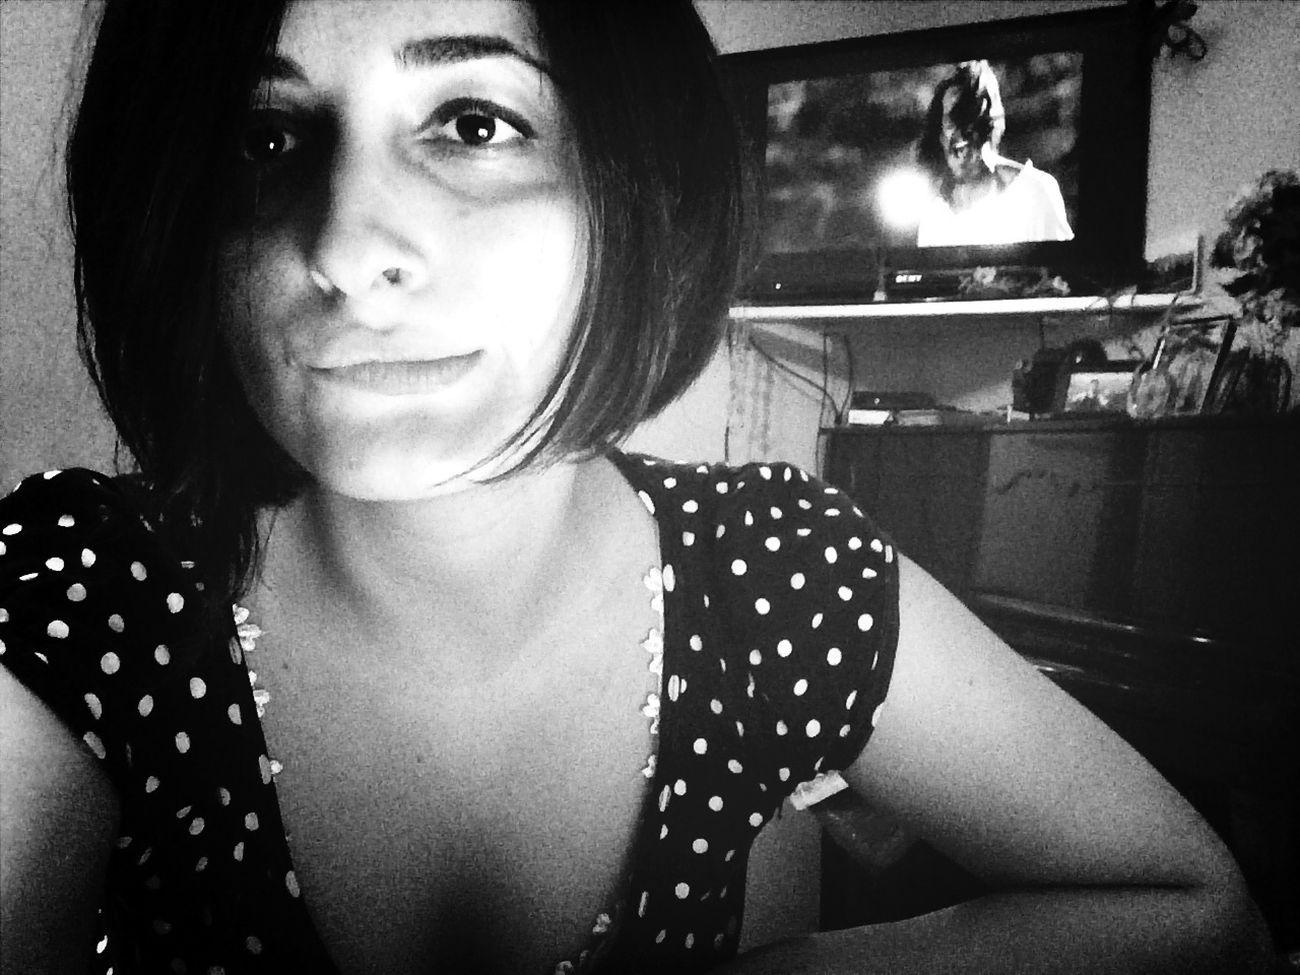 Selfie Selfshot Black And White Watching Tv